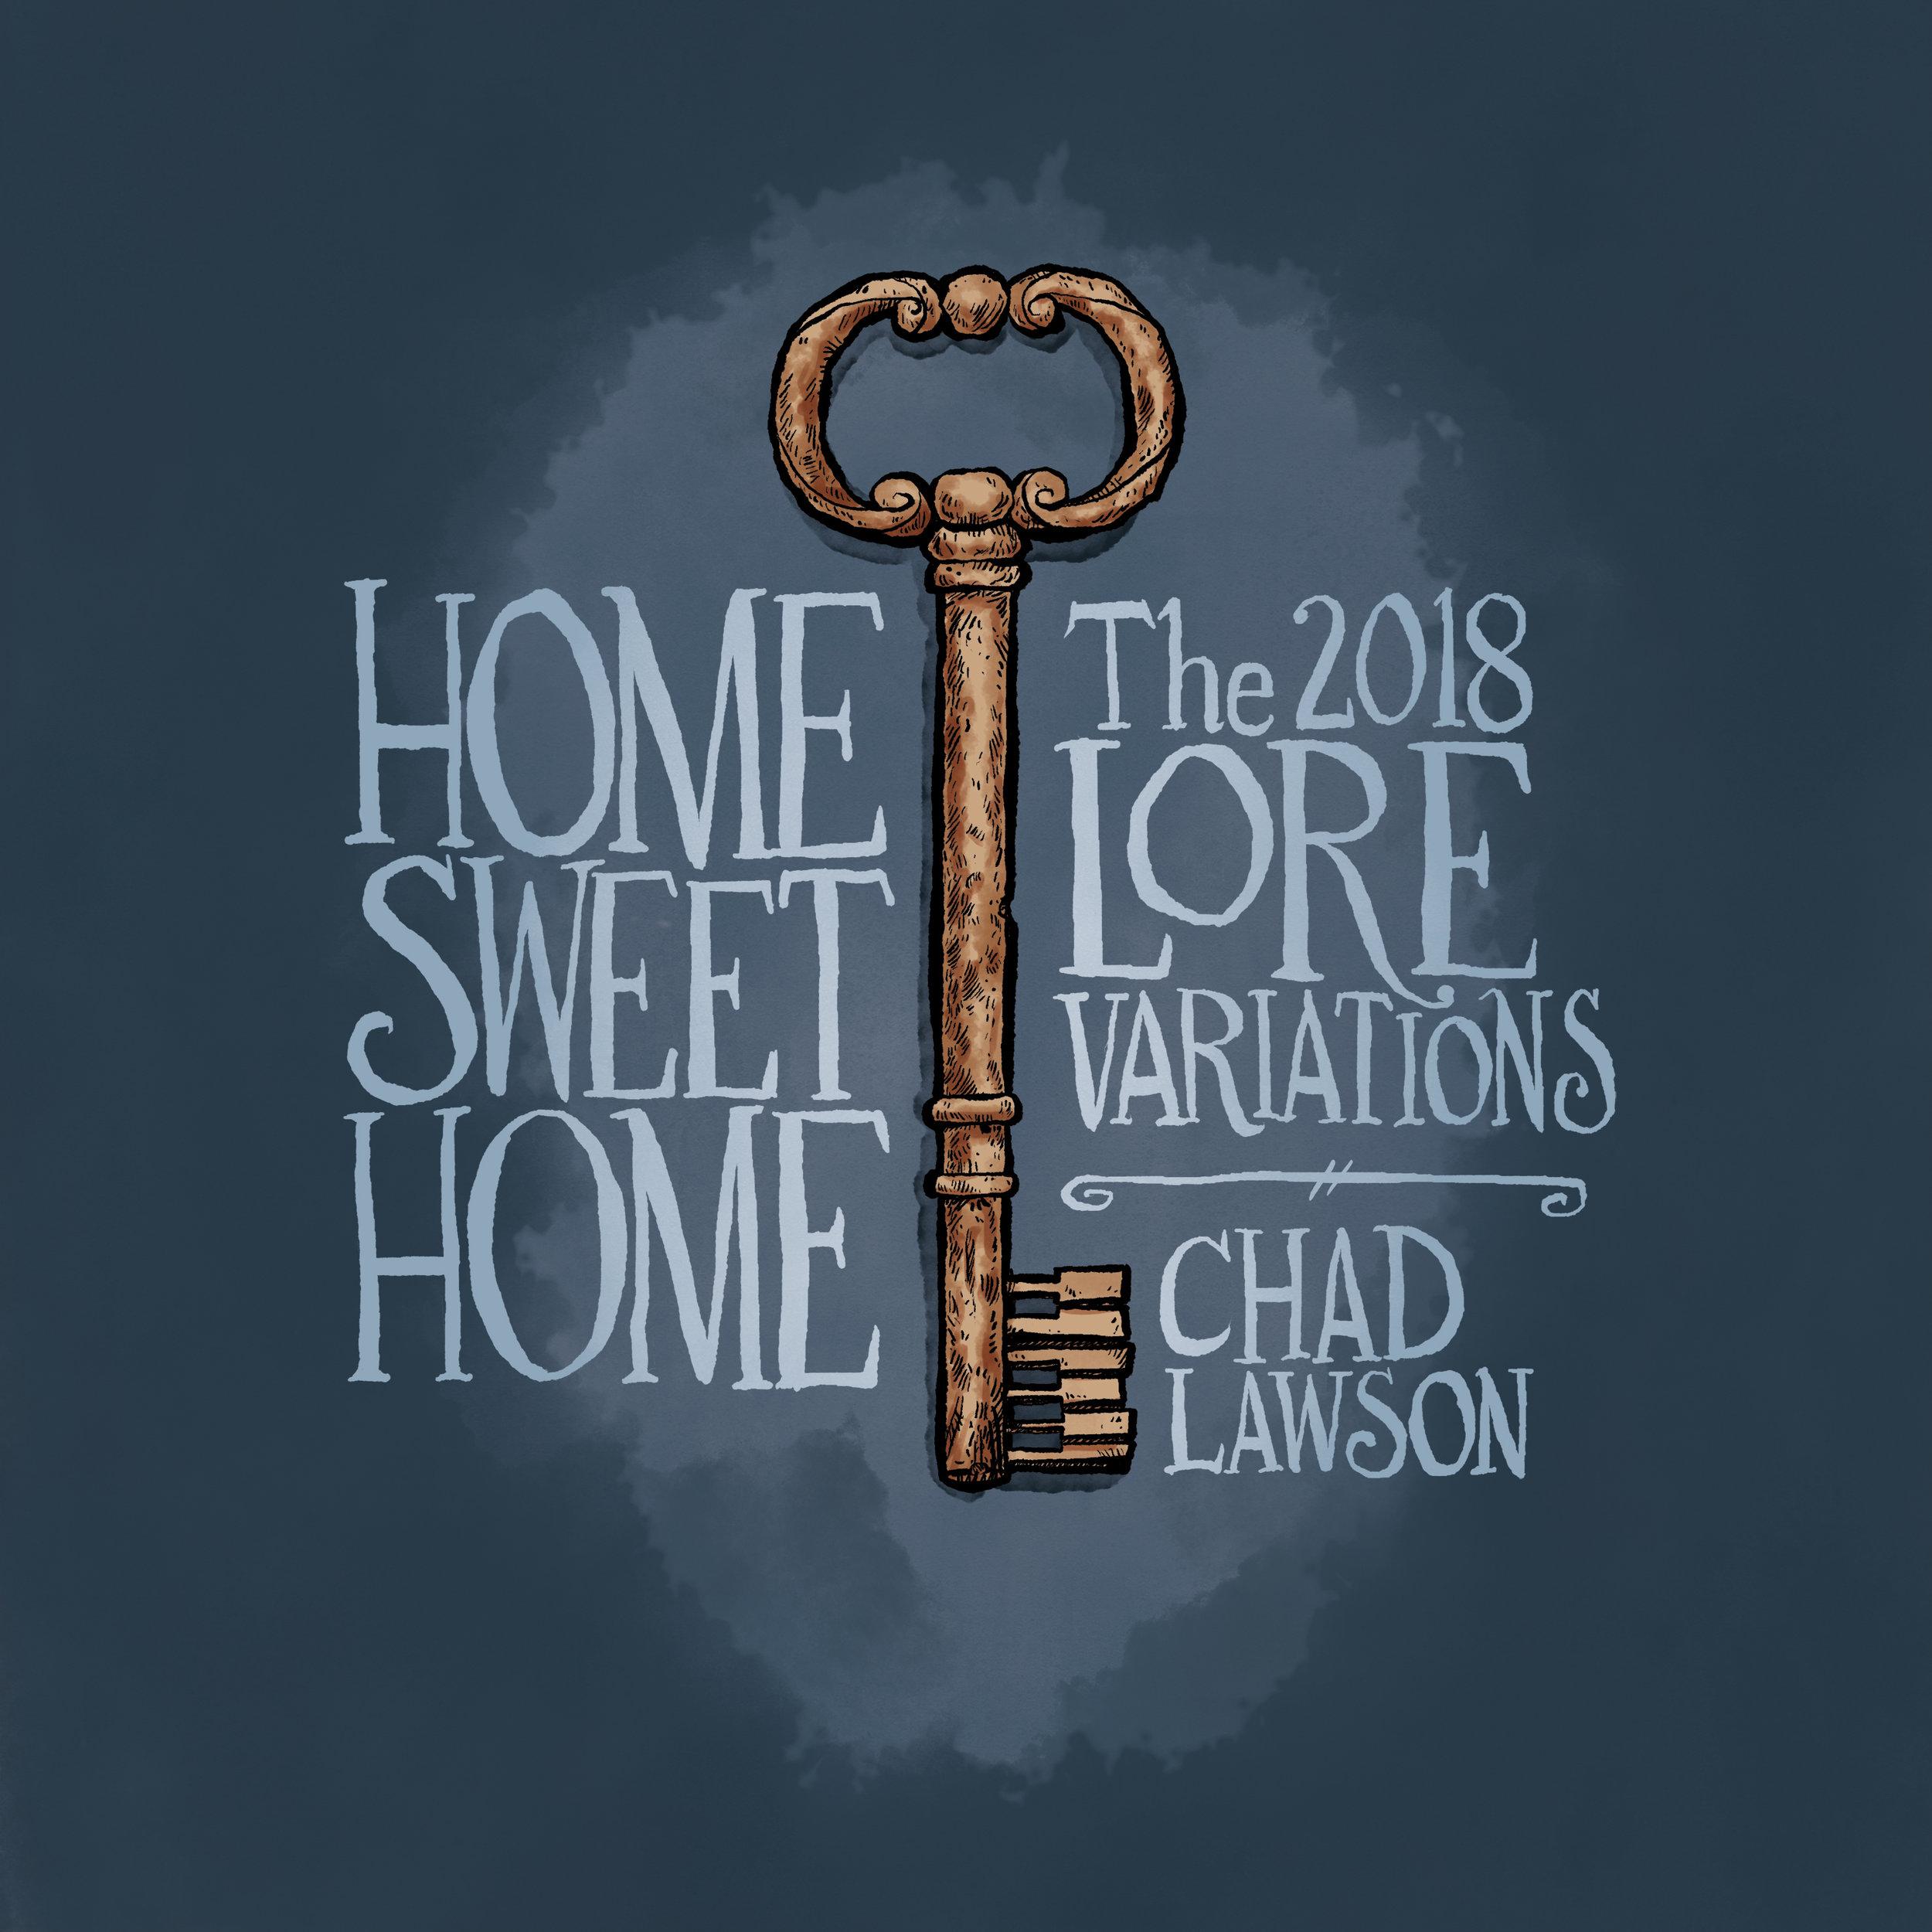 Home-Lore_Variations.jpg